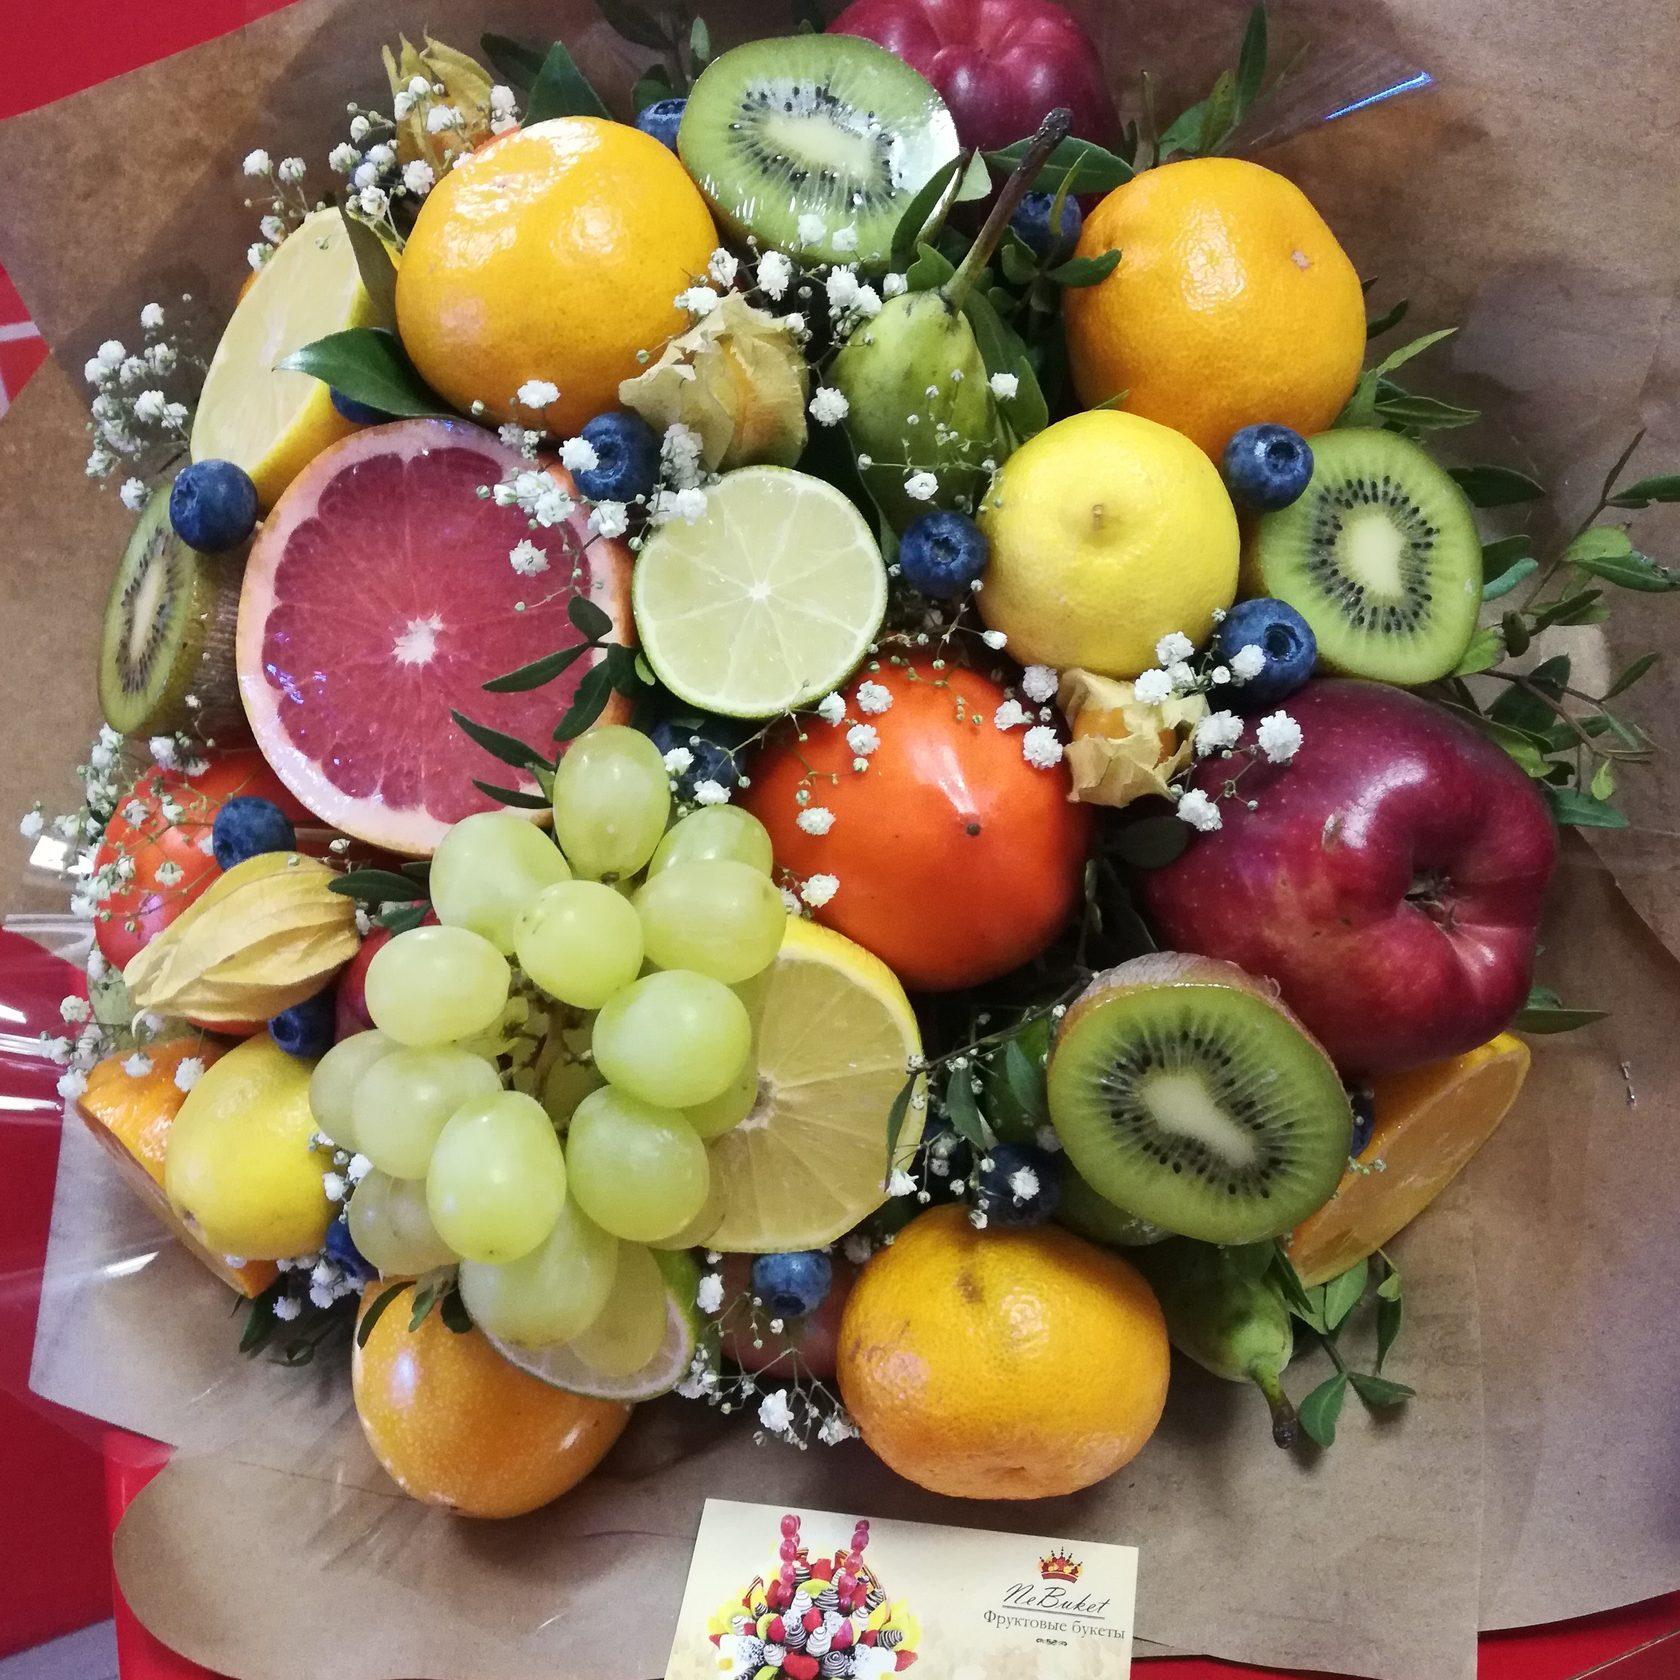 фрукты на день рождения прикольное поздравление задержанных под